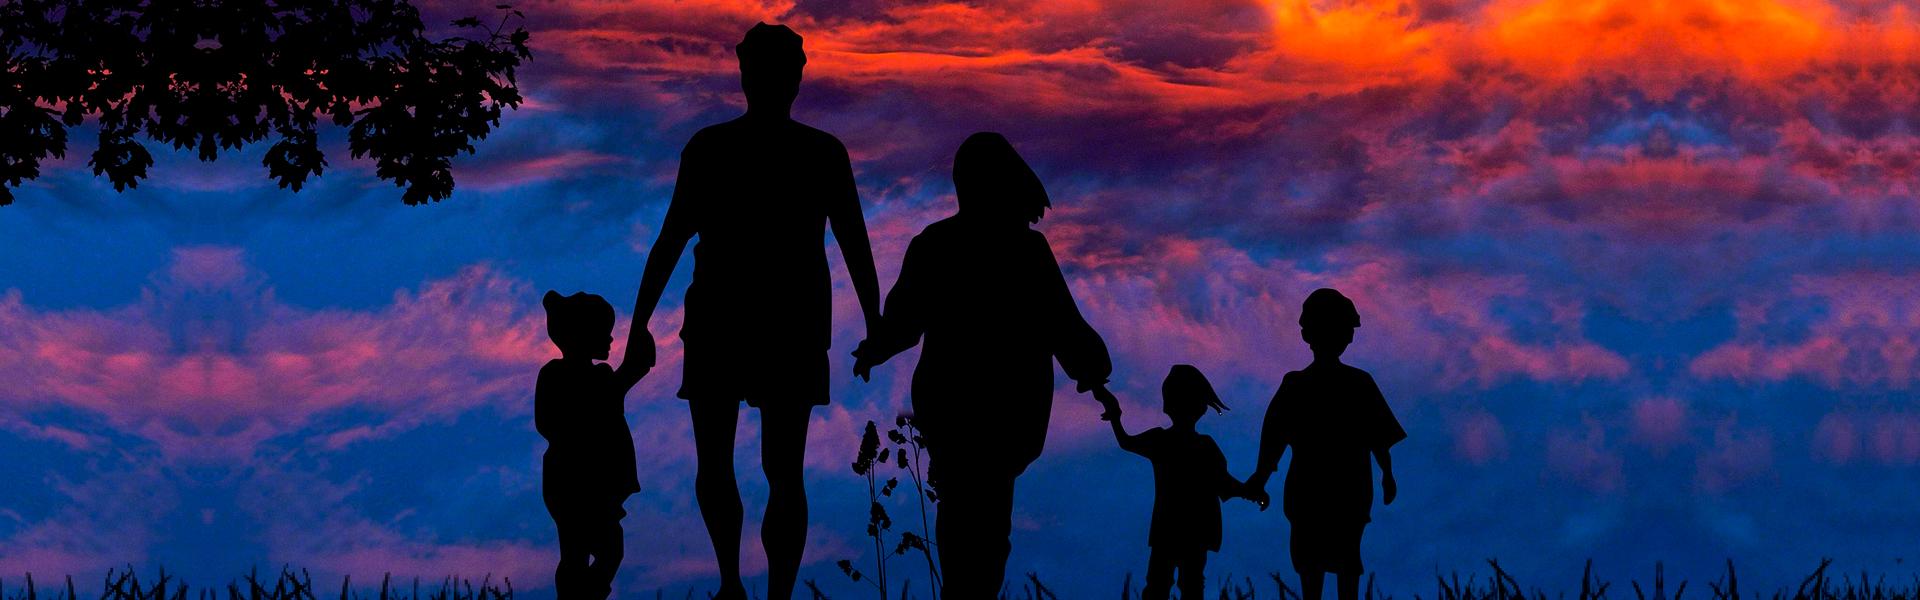 Terapia Familiar: foco nas relações entre pessoas de um mesmo grupo.